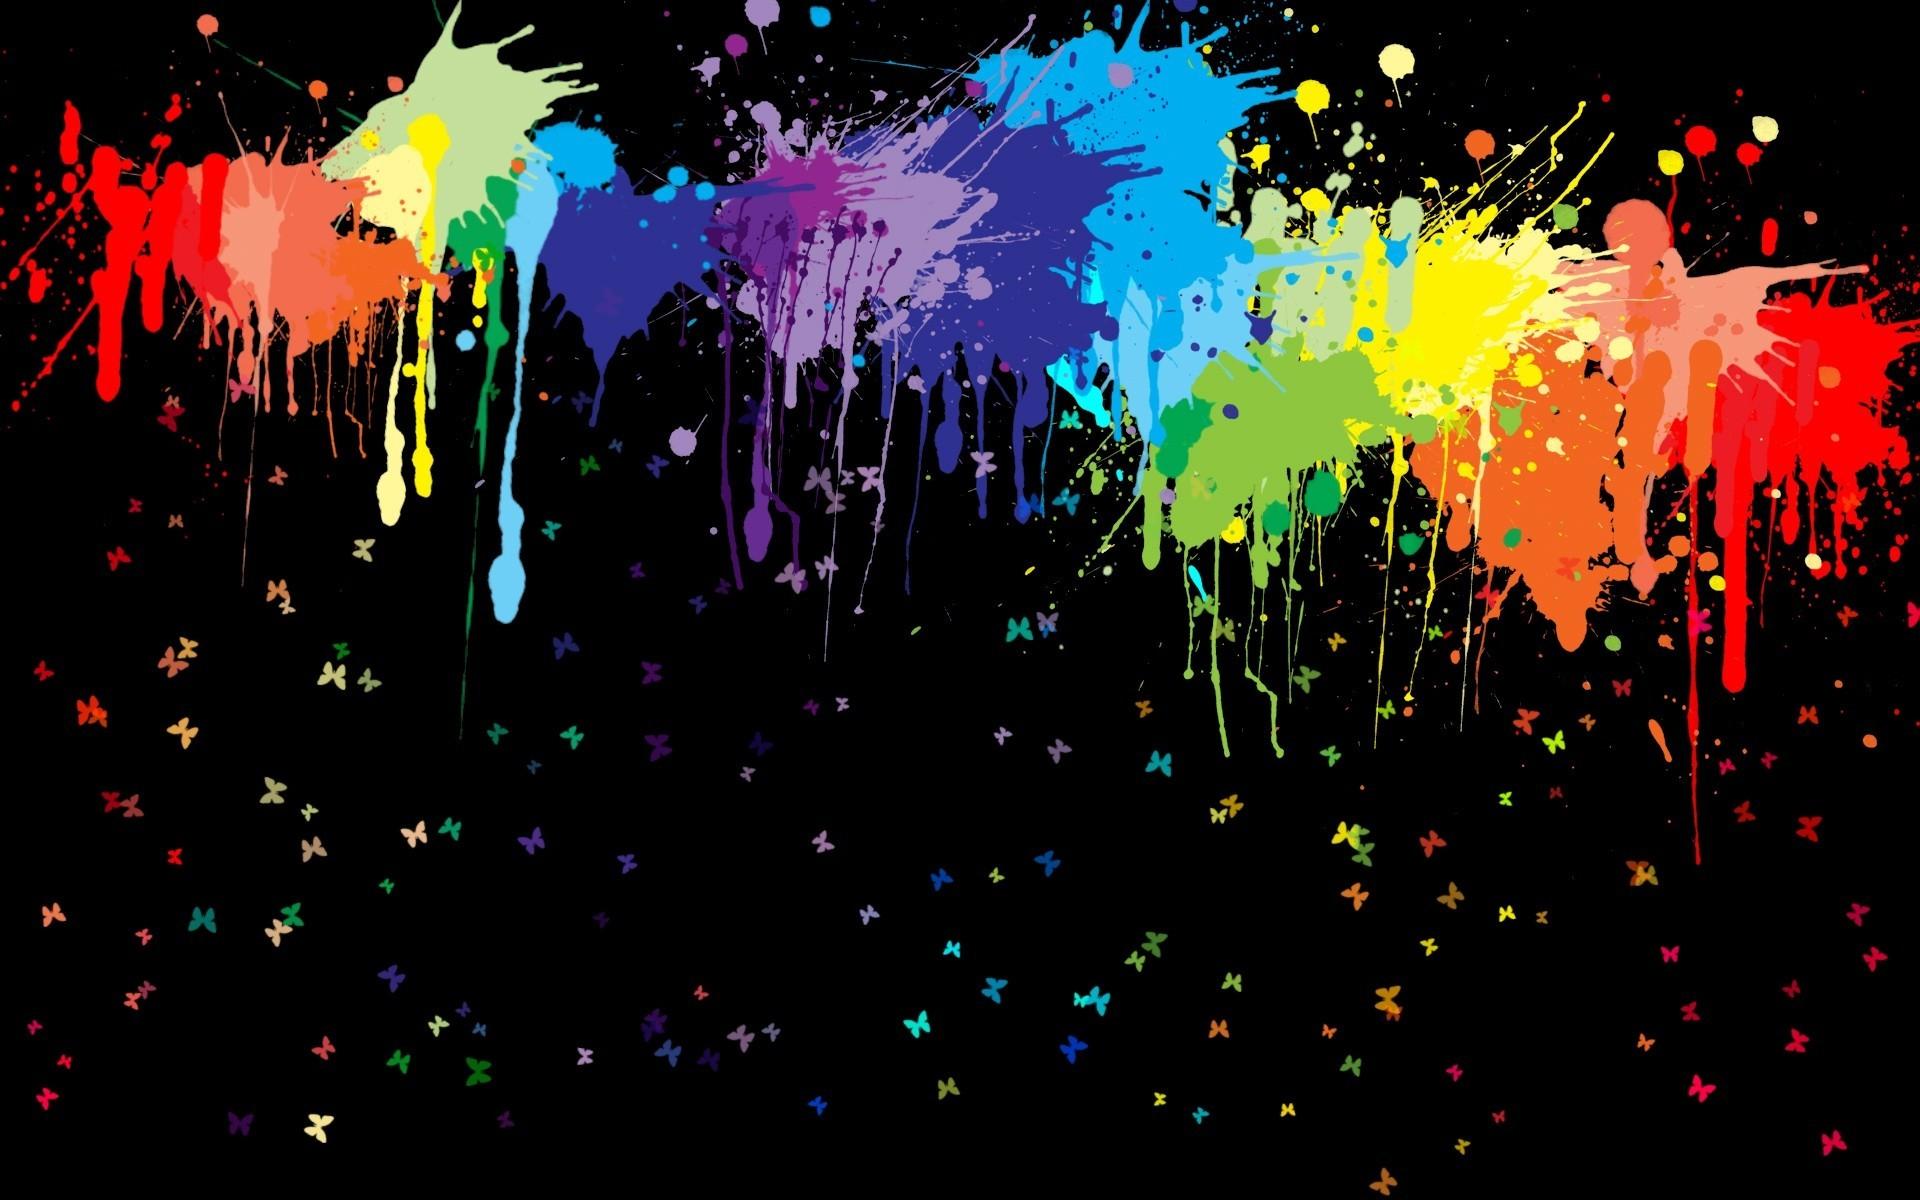 Color Splash Wallpaper 87 Images